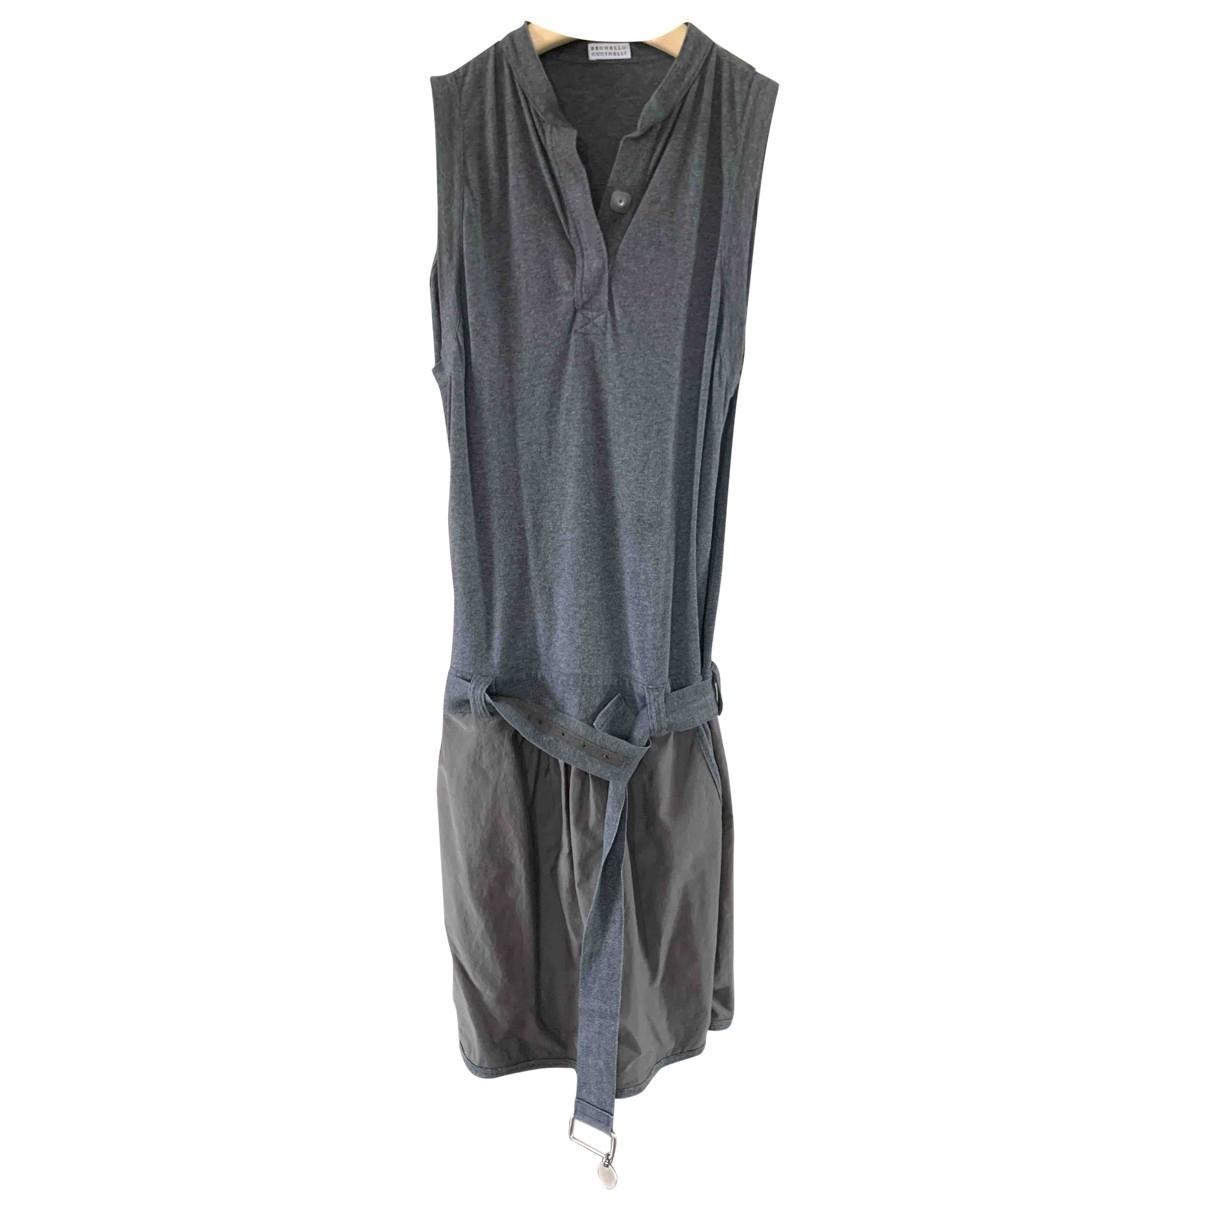 Brunello Cucinelli \N Grey Cotton dress for Women M International